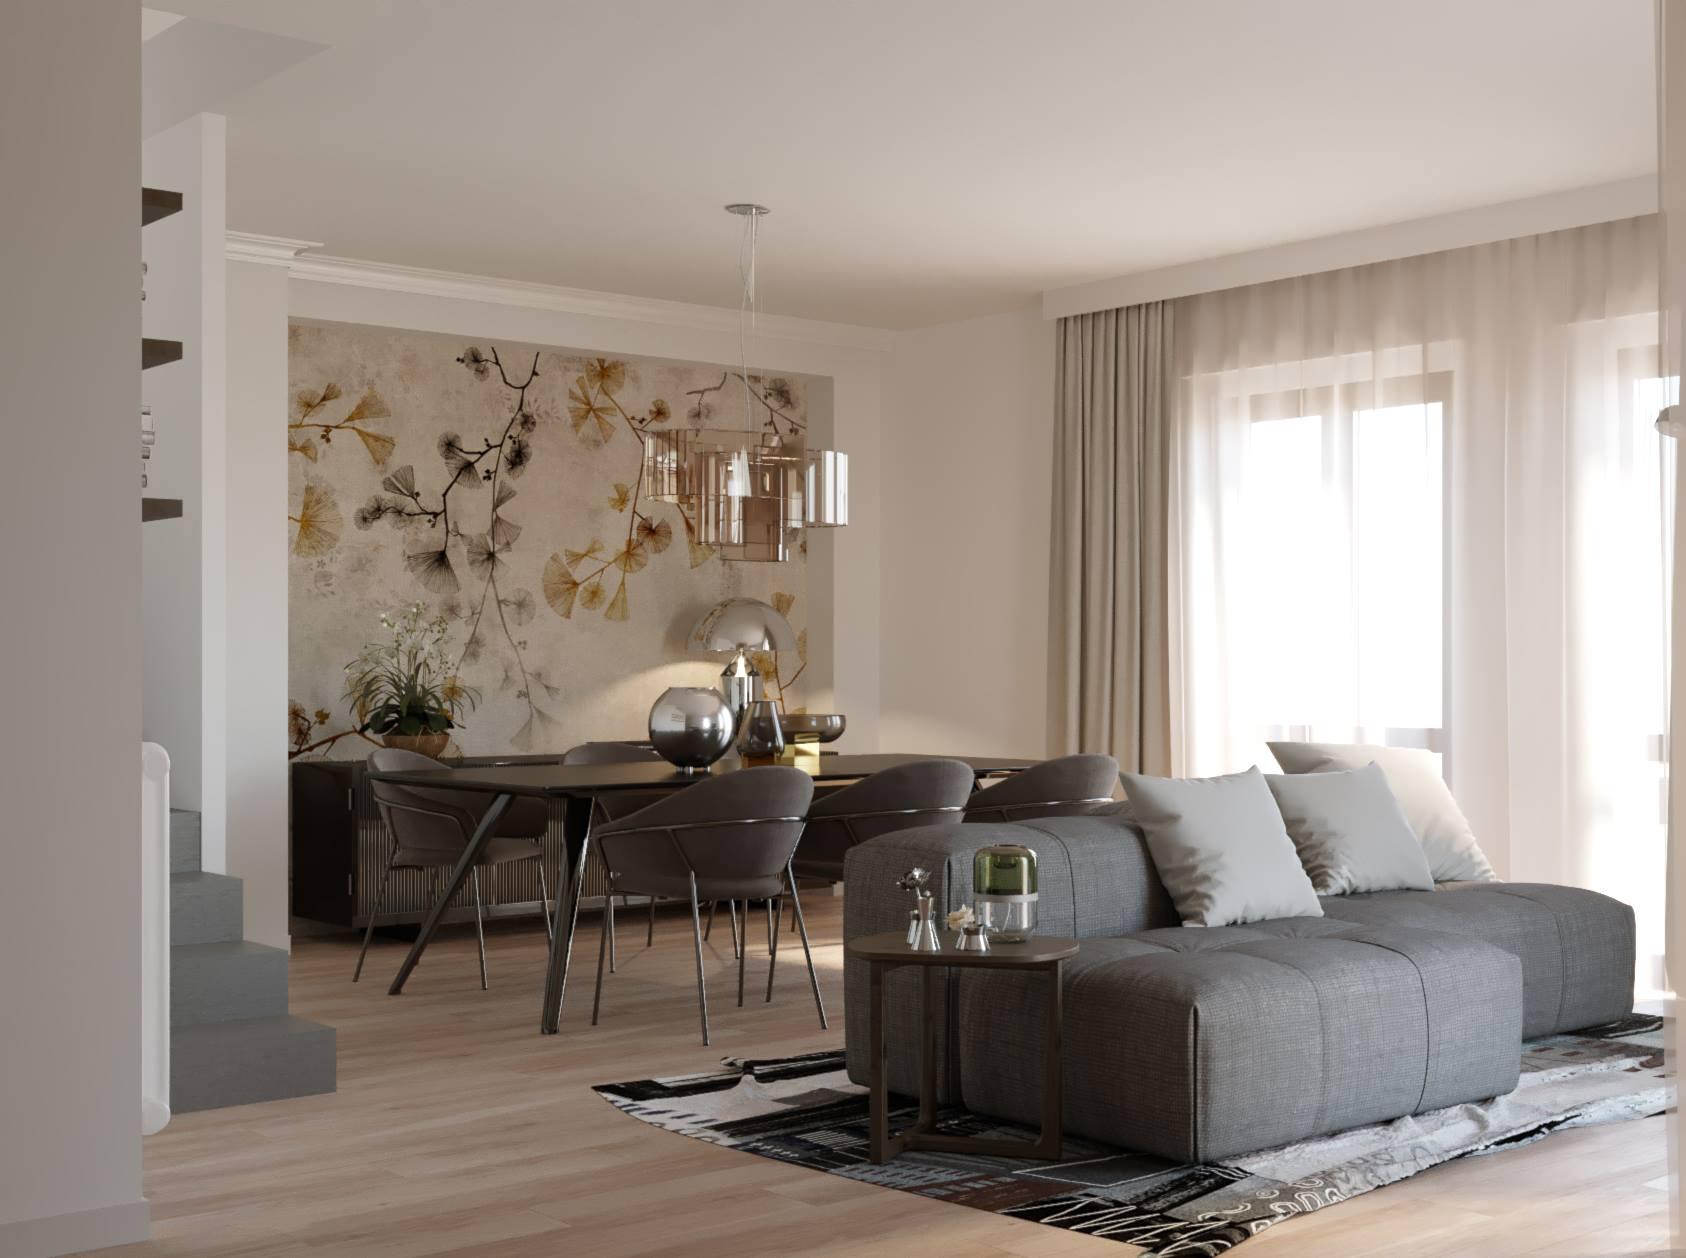 Gaia miacola architetto e interior designer for Progetti design interni